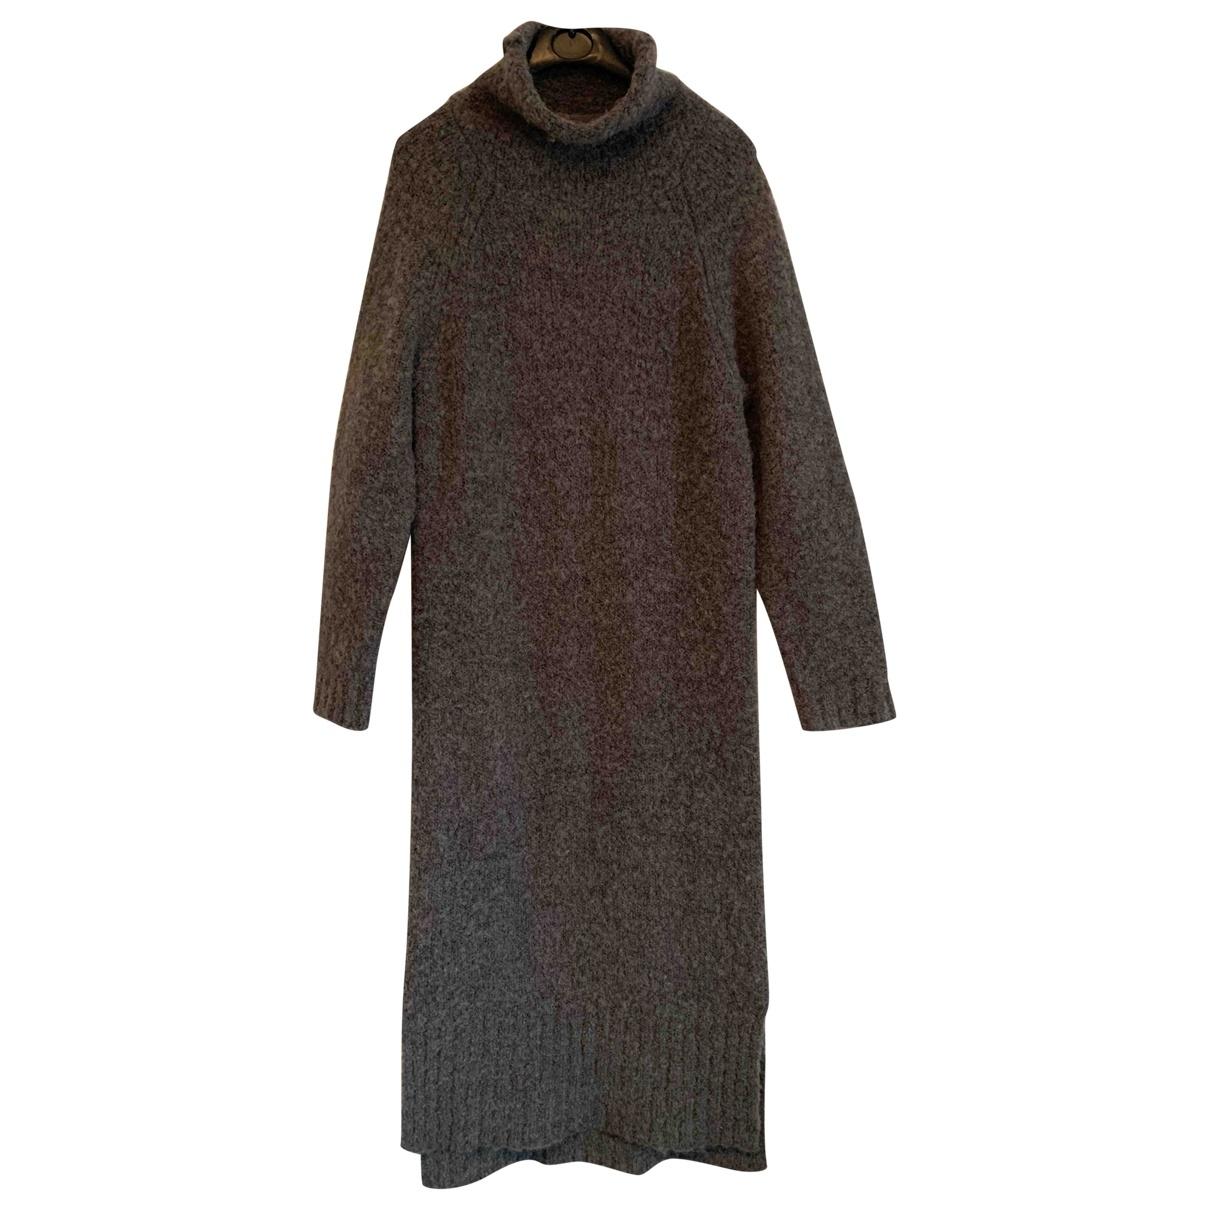 Whistles \N Kleid in  Grau Wolle